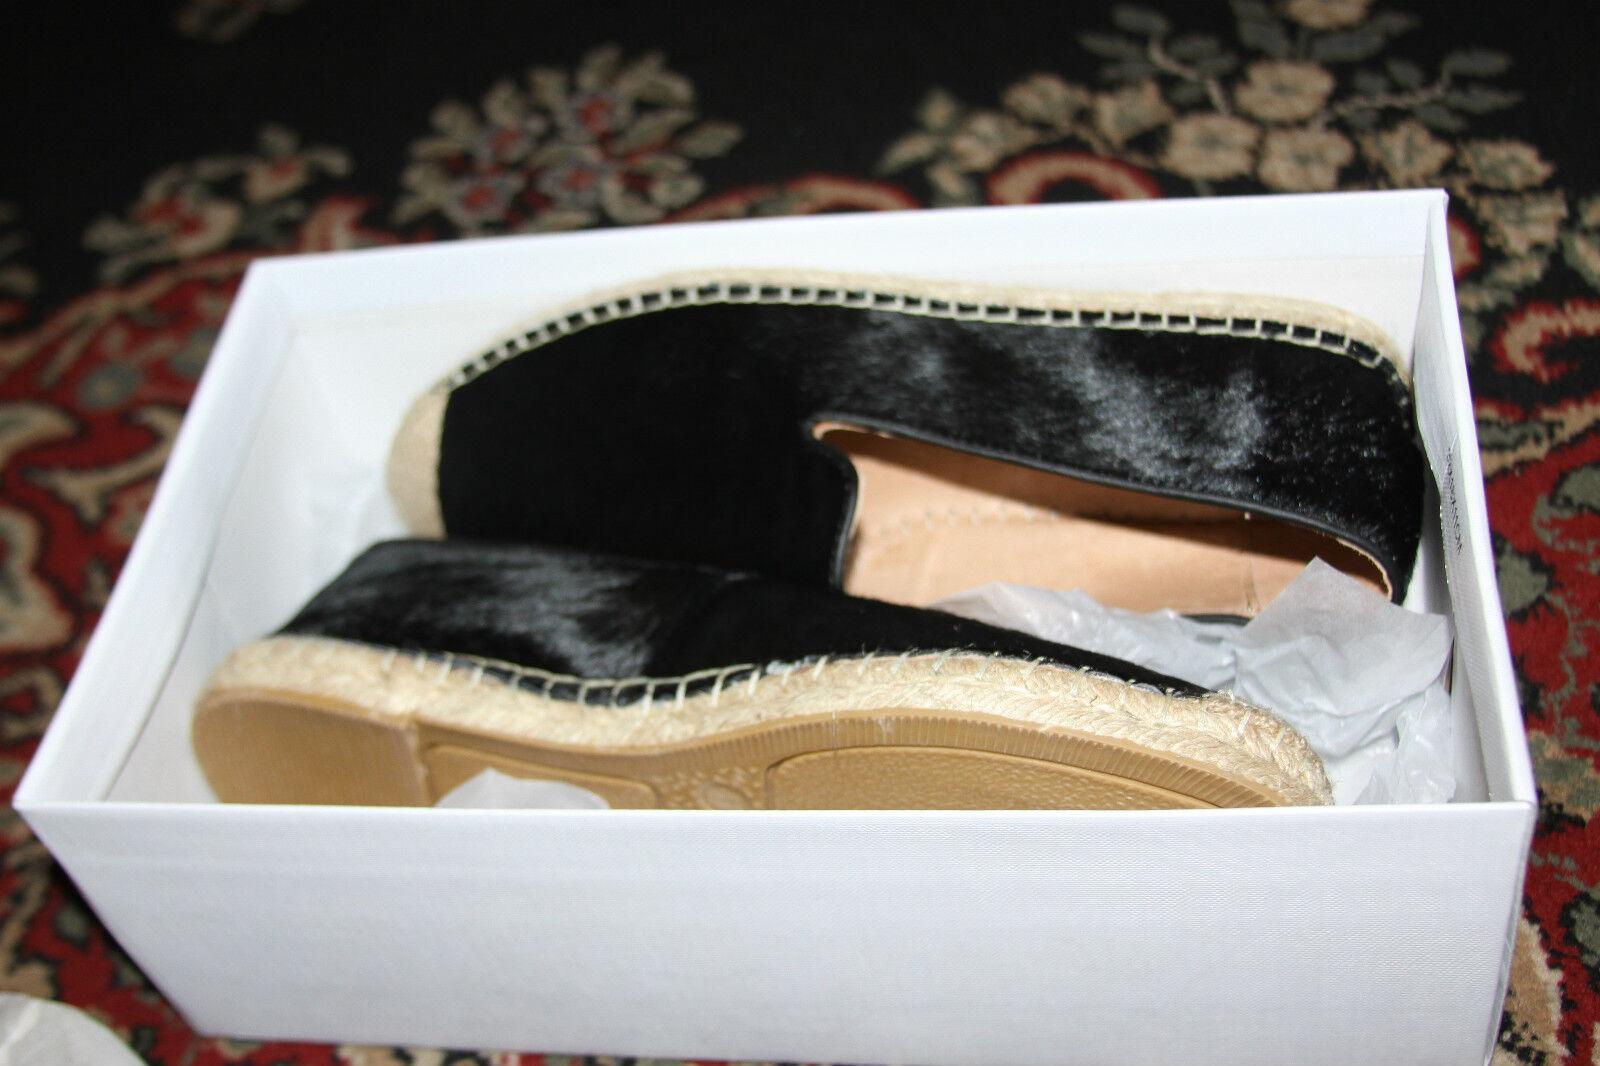 STEVE MADDEN MADDEN MADDEN ELANII schwarz PONY SLIP-ON Größe 8 db3945